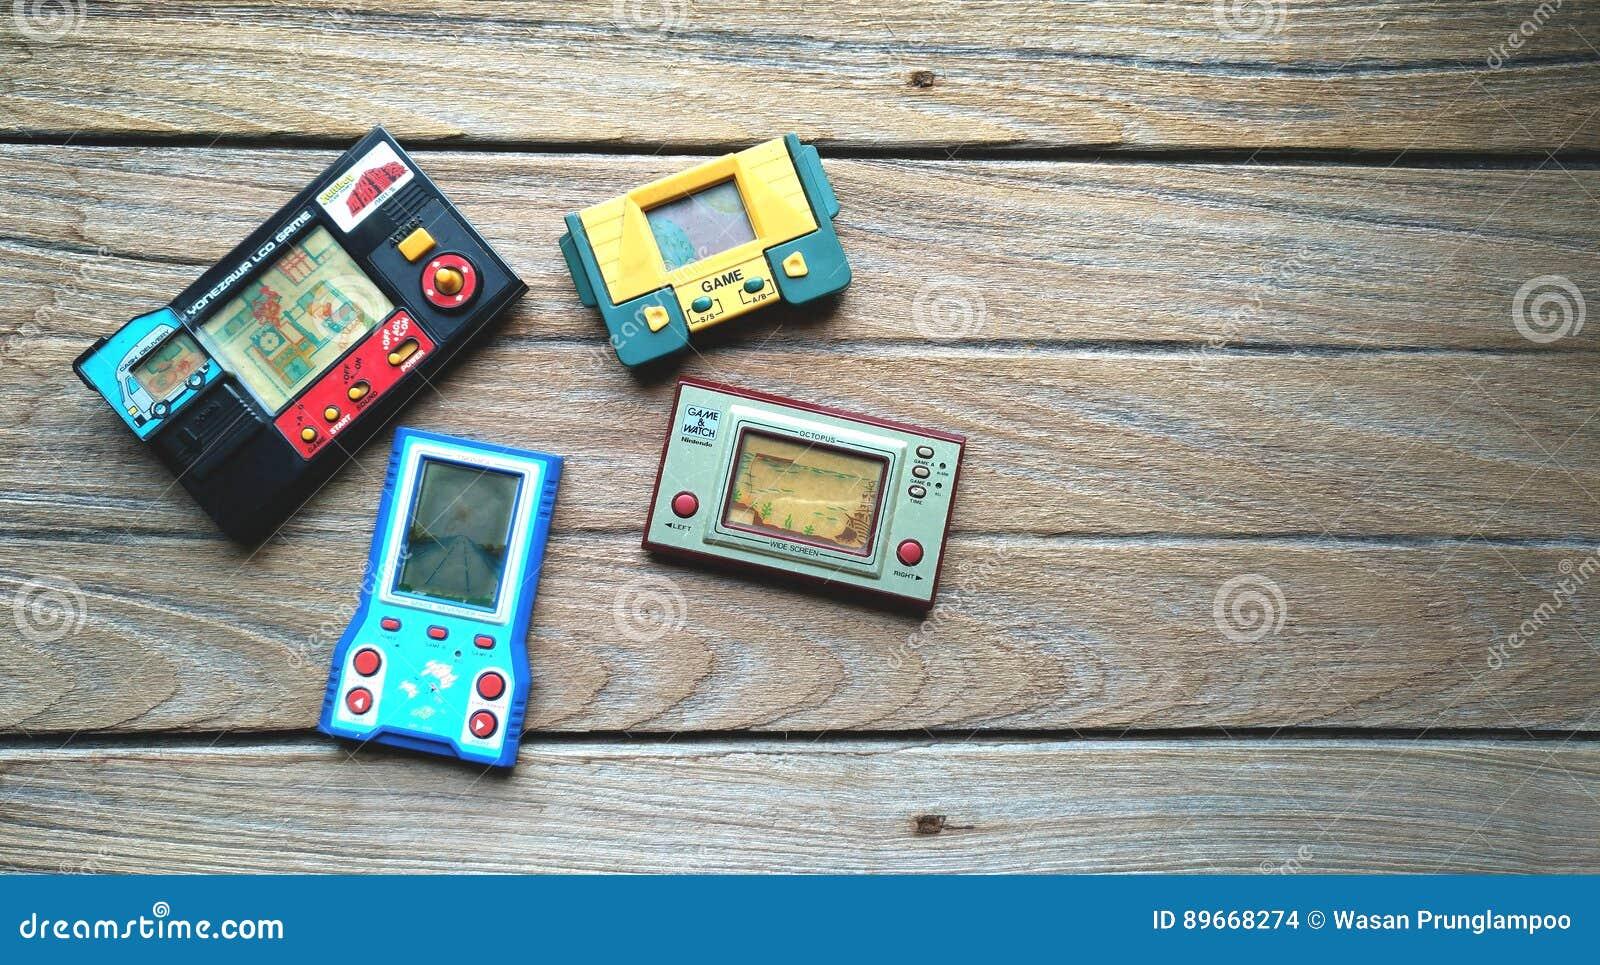 Pulpo Videoconsola Del Juego De Nintendo Y Del Reloj Portatiles